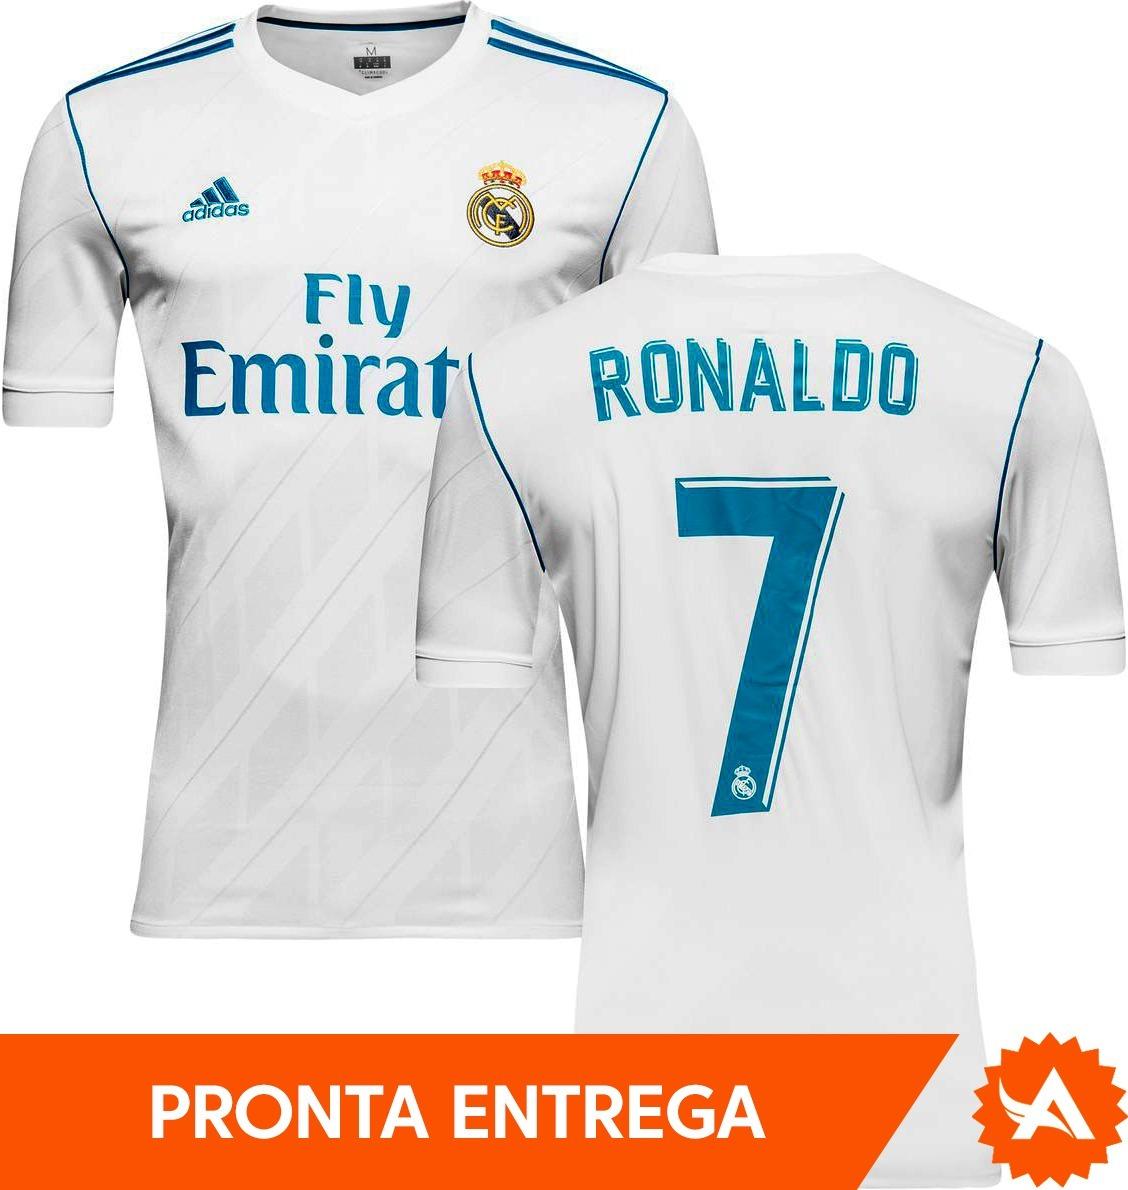 camisa original real madrid adidas home 2018 - nº7 ronaldo. Carregando zoom. 05ebd6ab28748